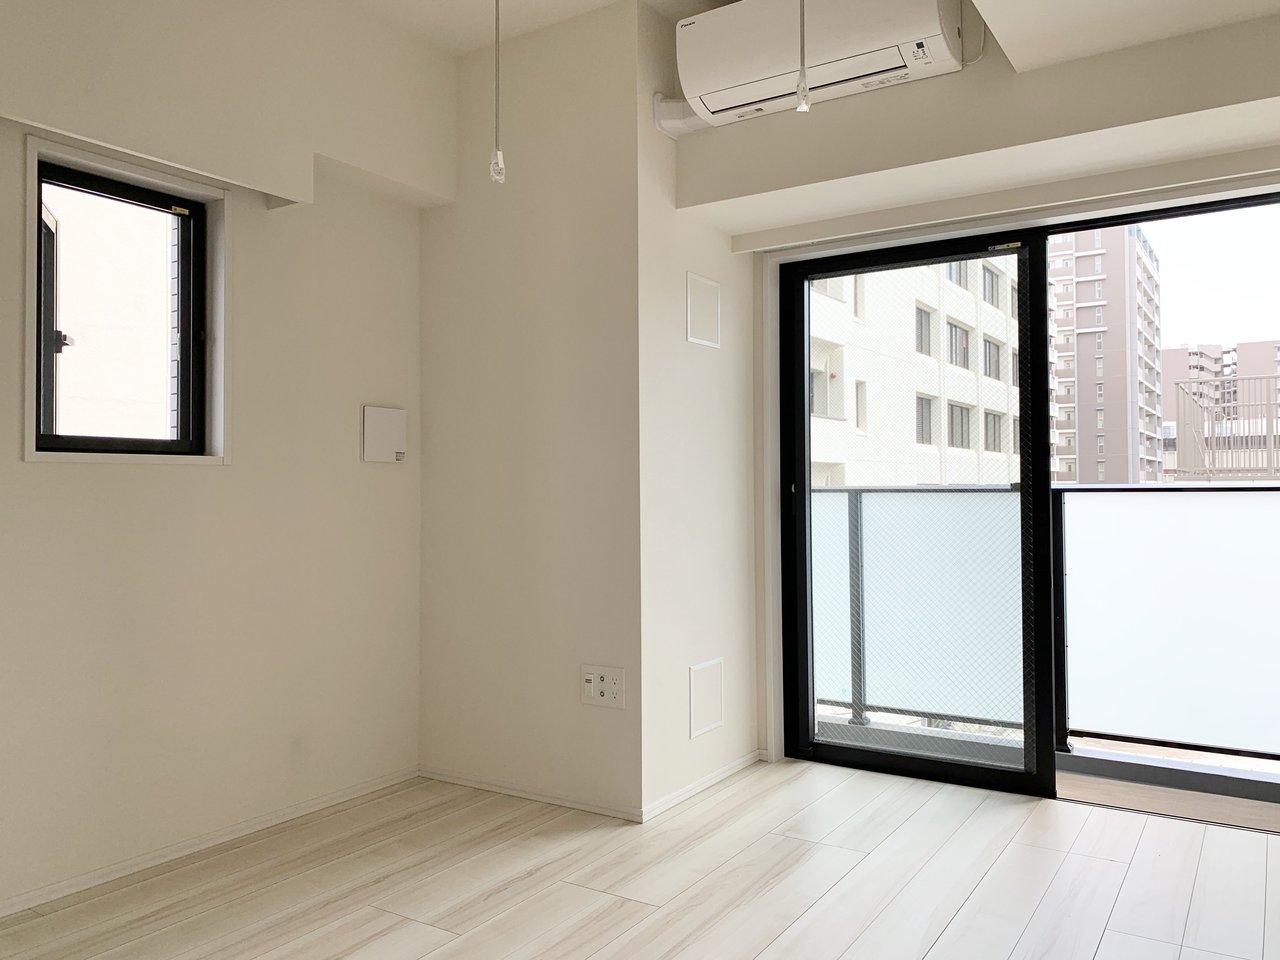 駅から徒歩1分の駅近&新築の1Kタイプのお部屋。白を基調としていてシンプルでクールな印象です。2面採光なので風通しも良さそう。